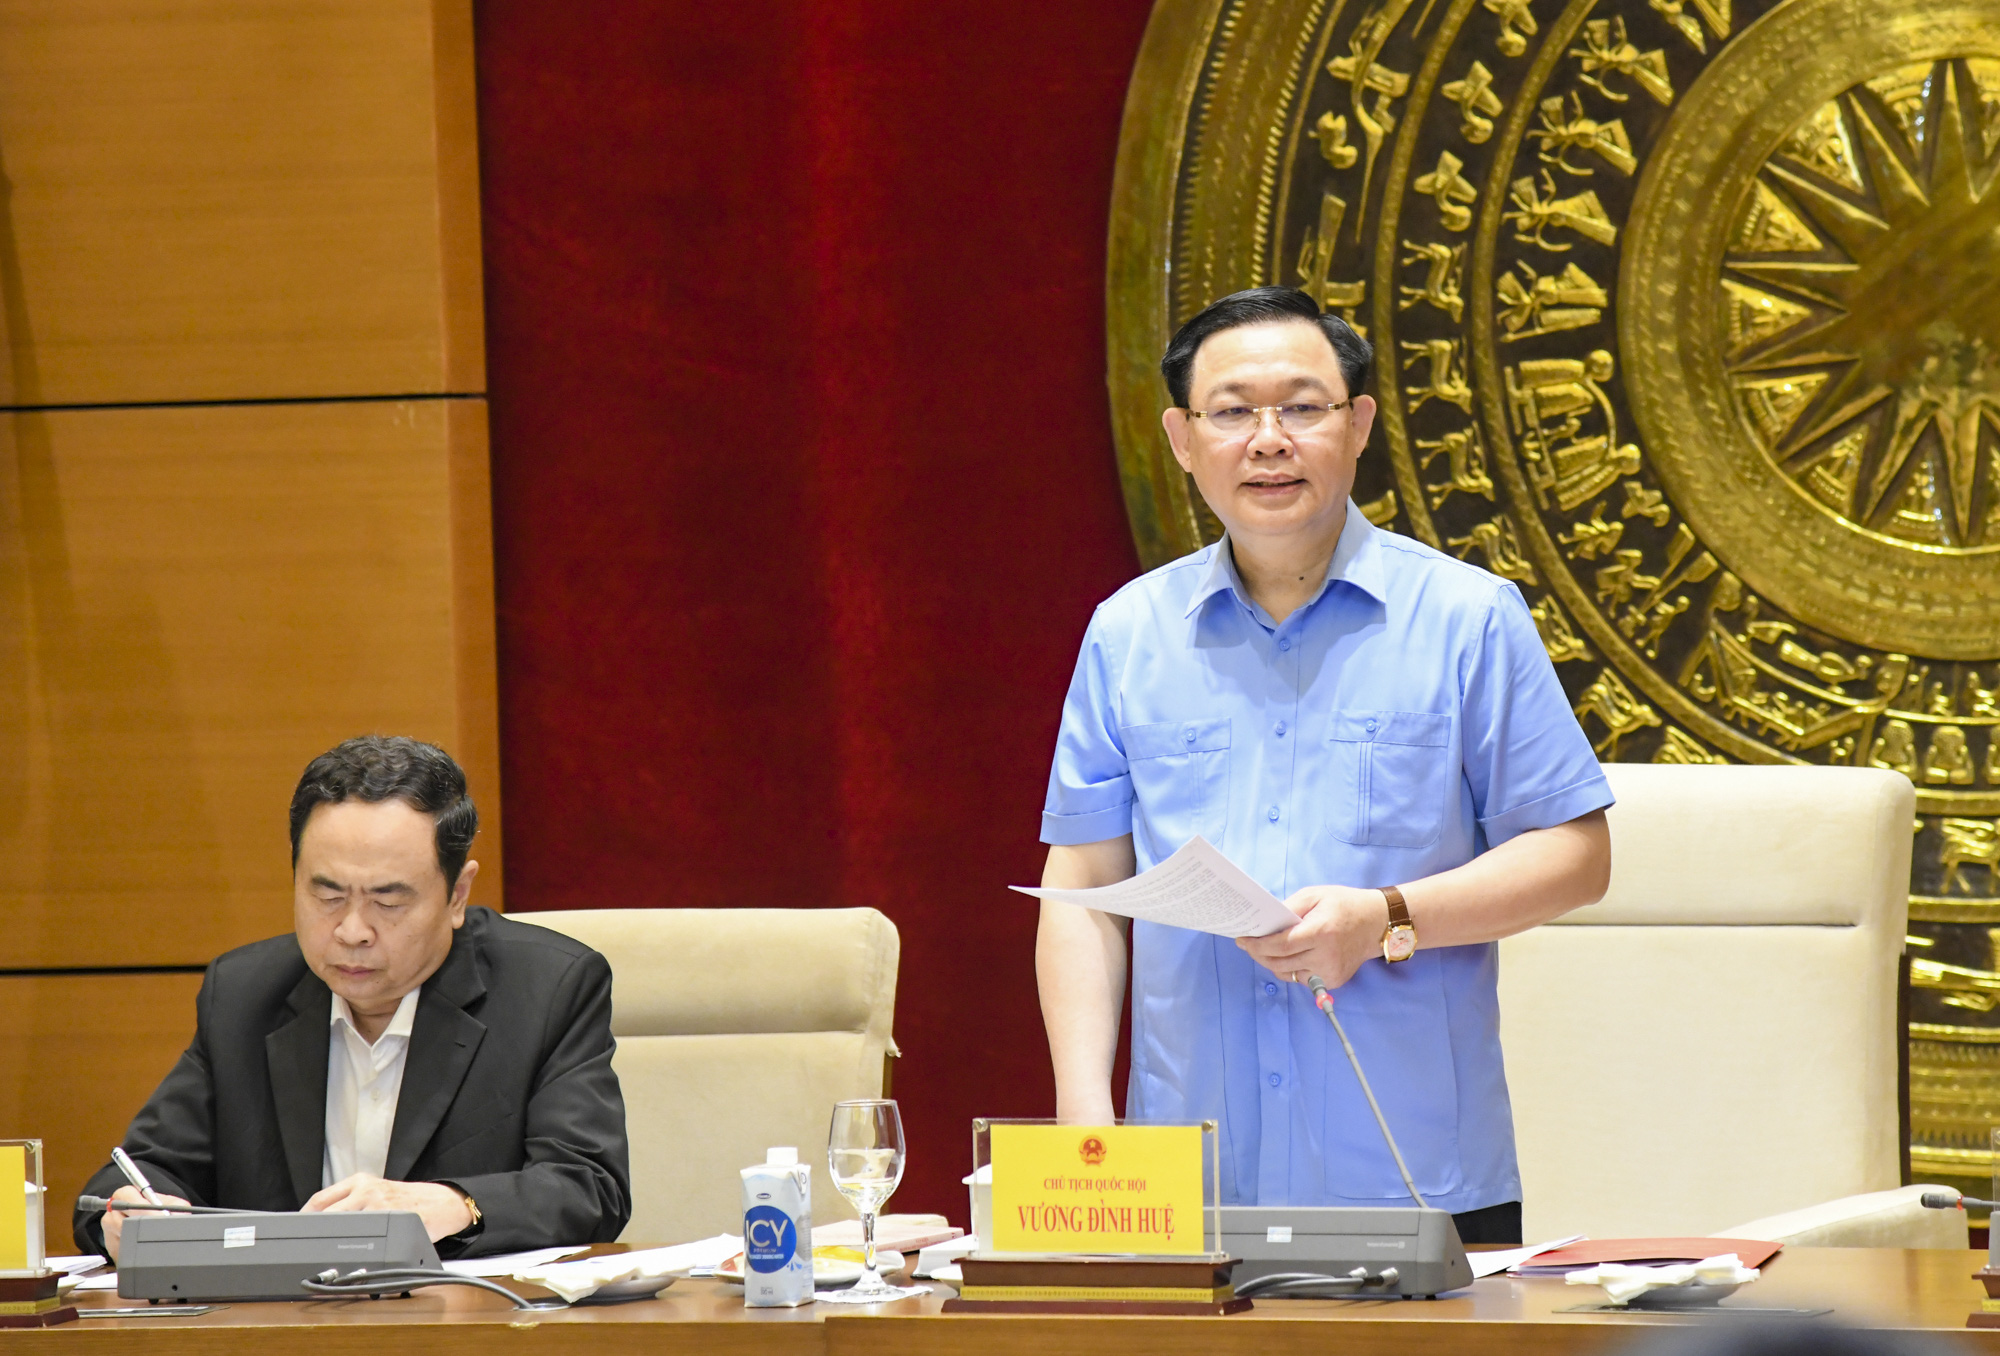 Ảnh: Chủ tịch Quốc hội Vương Đình Huệ làm việc với Hội đồng Dân tộc - Ảnh 5.